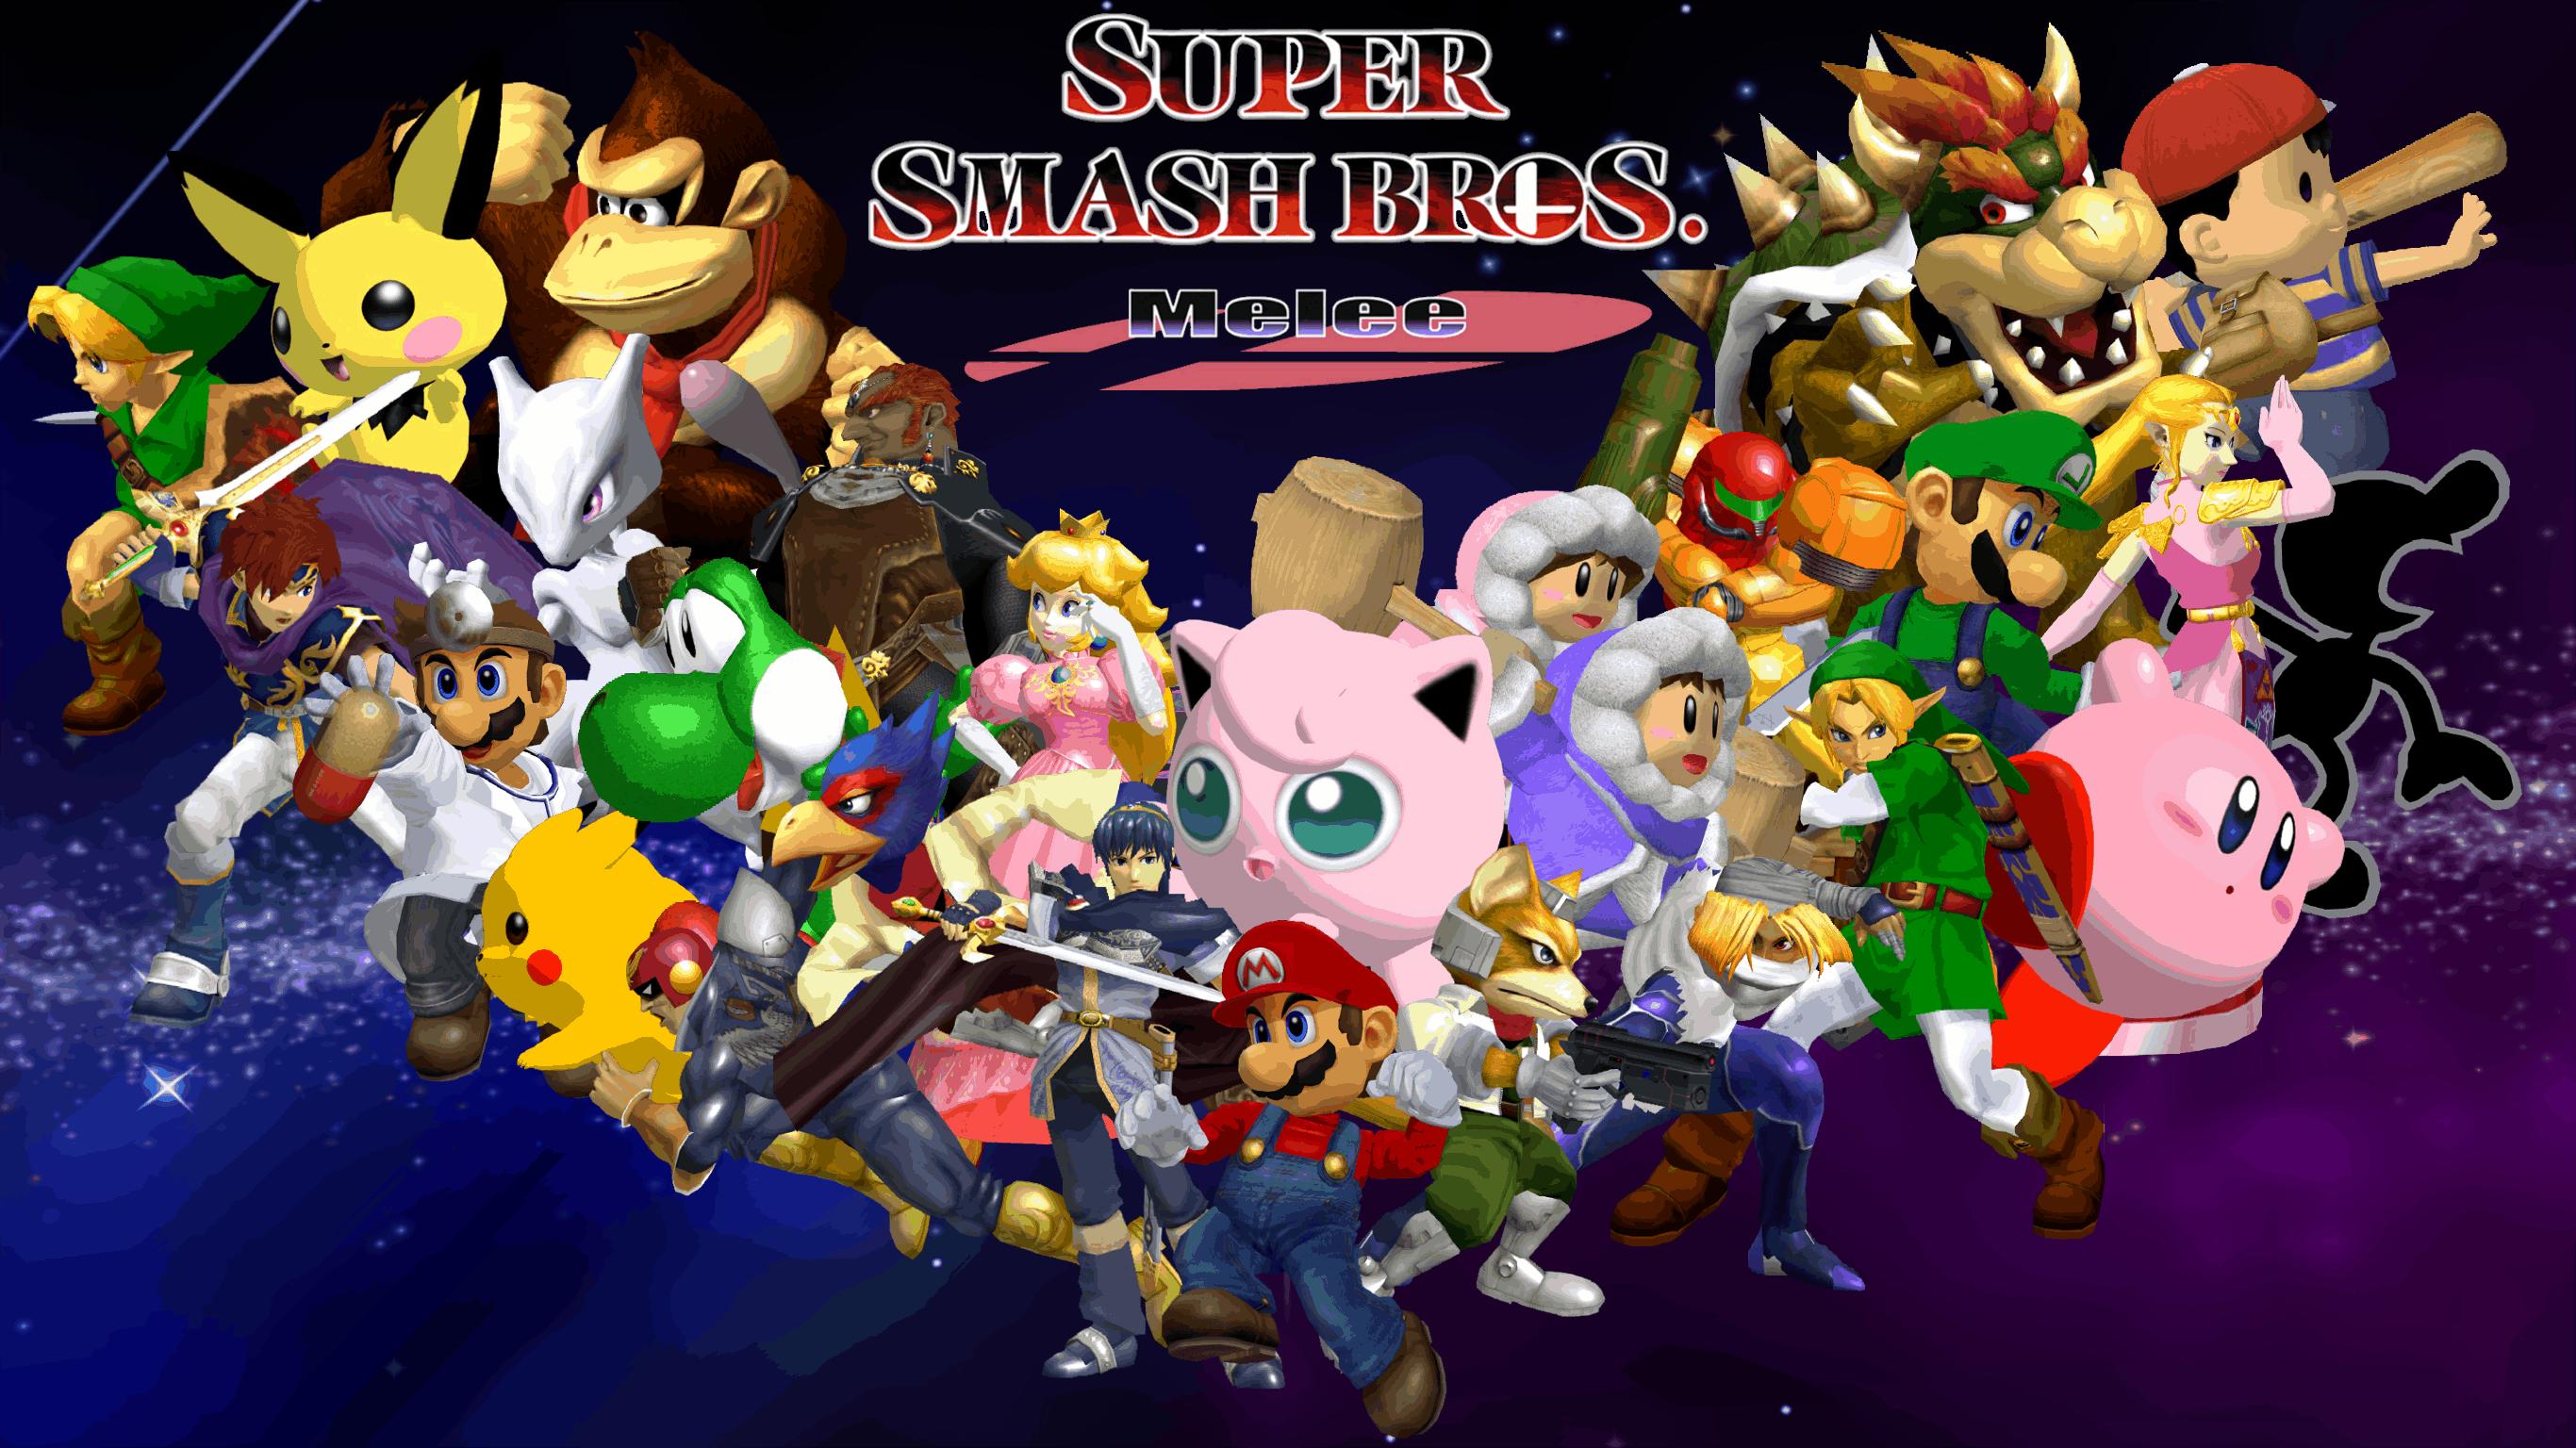 Best Fighting Games - Super Smash Bros. Melee